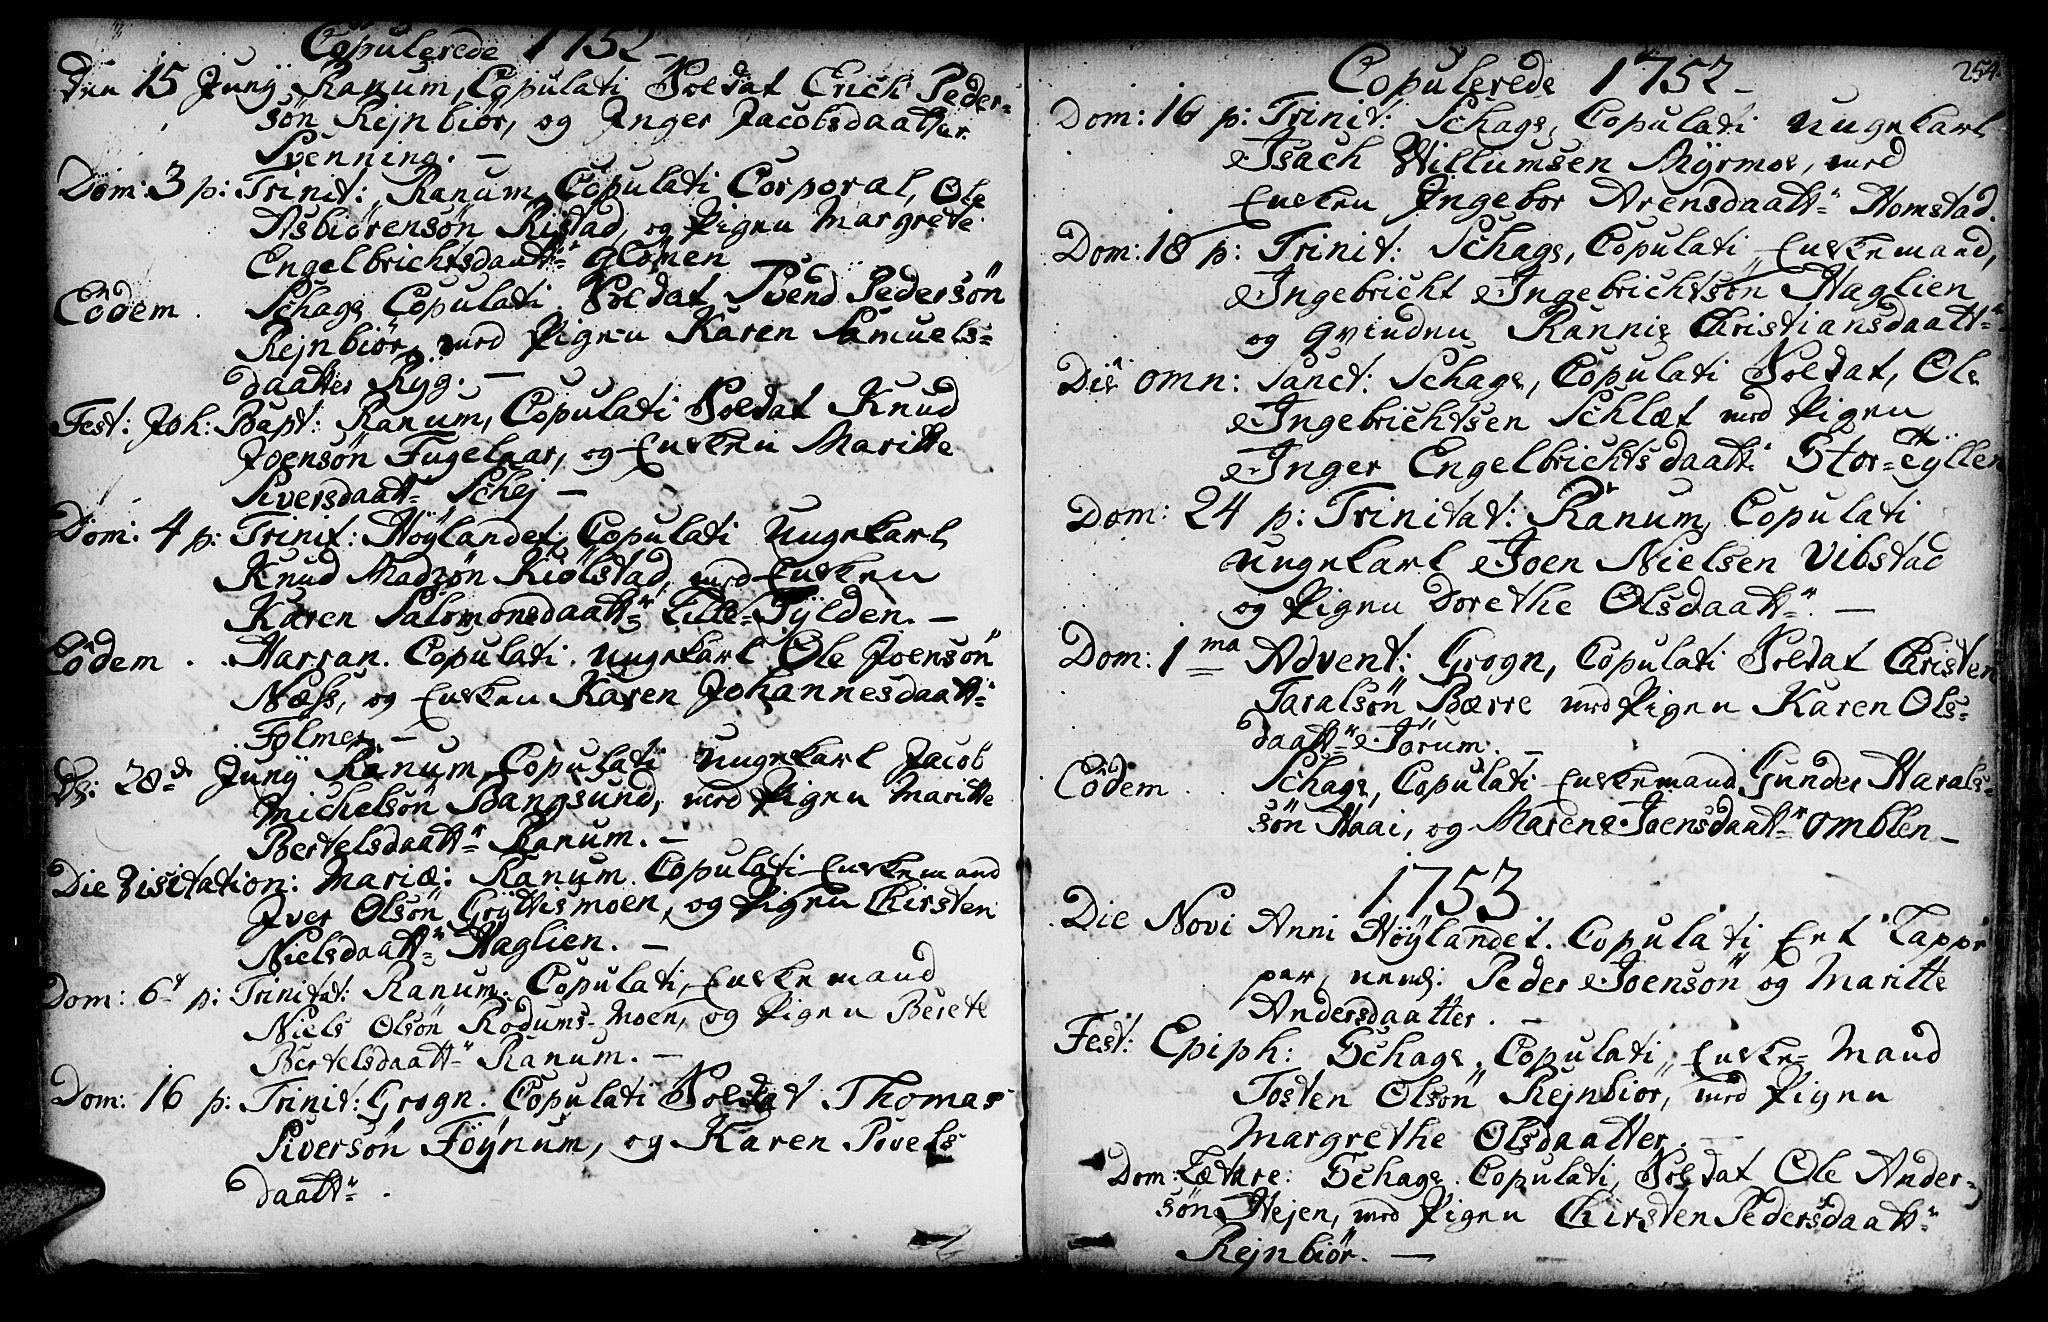 SAT, Ministerialprotokoller, klokkerbøker og fødselsregistre - Nord-Trøndelag, 764/L0542: Ministerialbok nr. 764A02, 1748-1779, s. 254